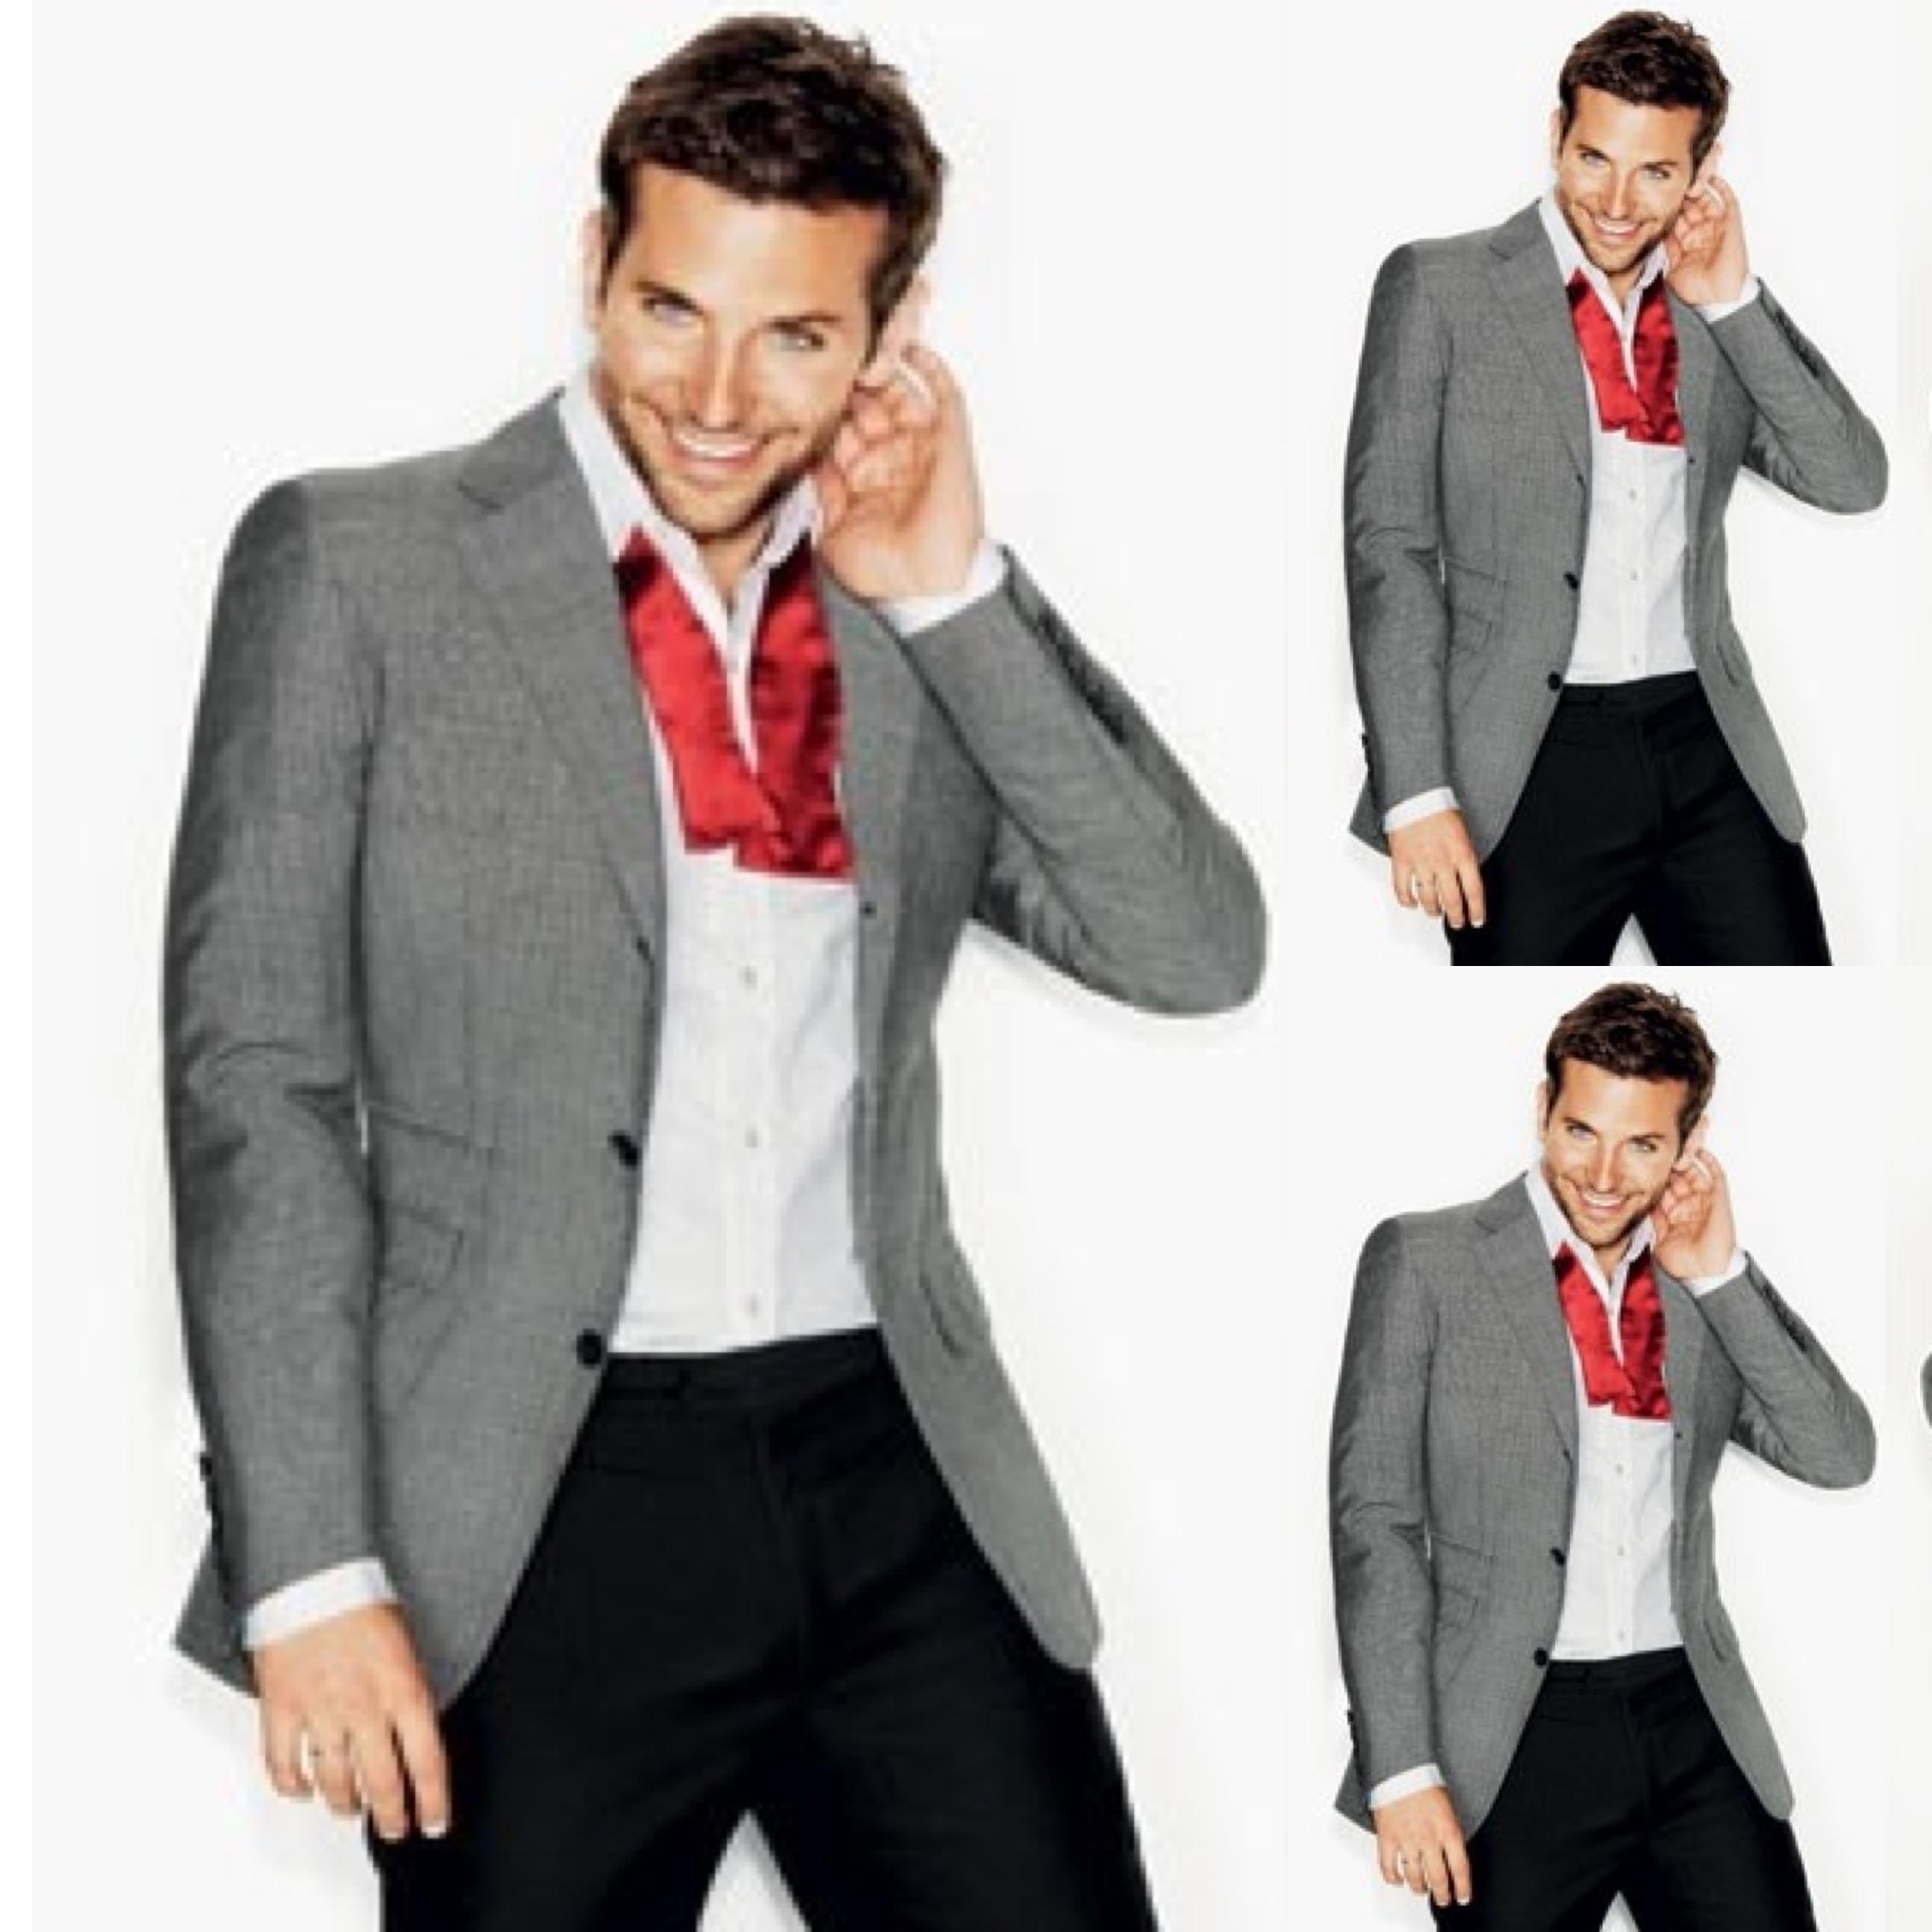 #2 :: Bradley Cooper :: GQ